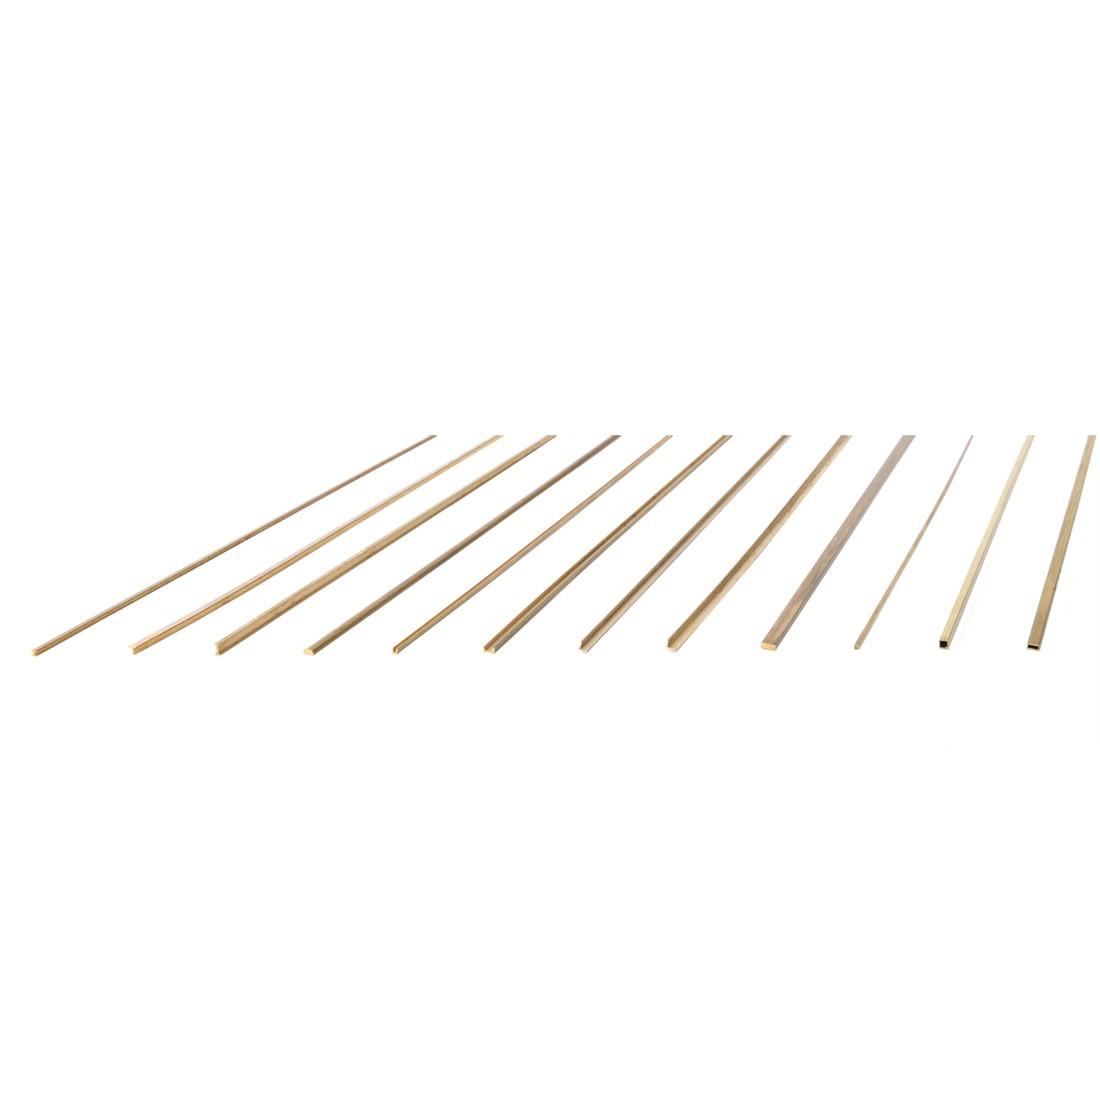 Microsecciones de latón 1,5x1,5.